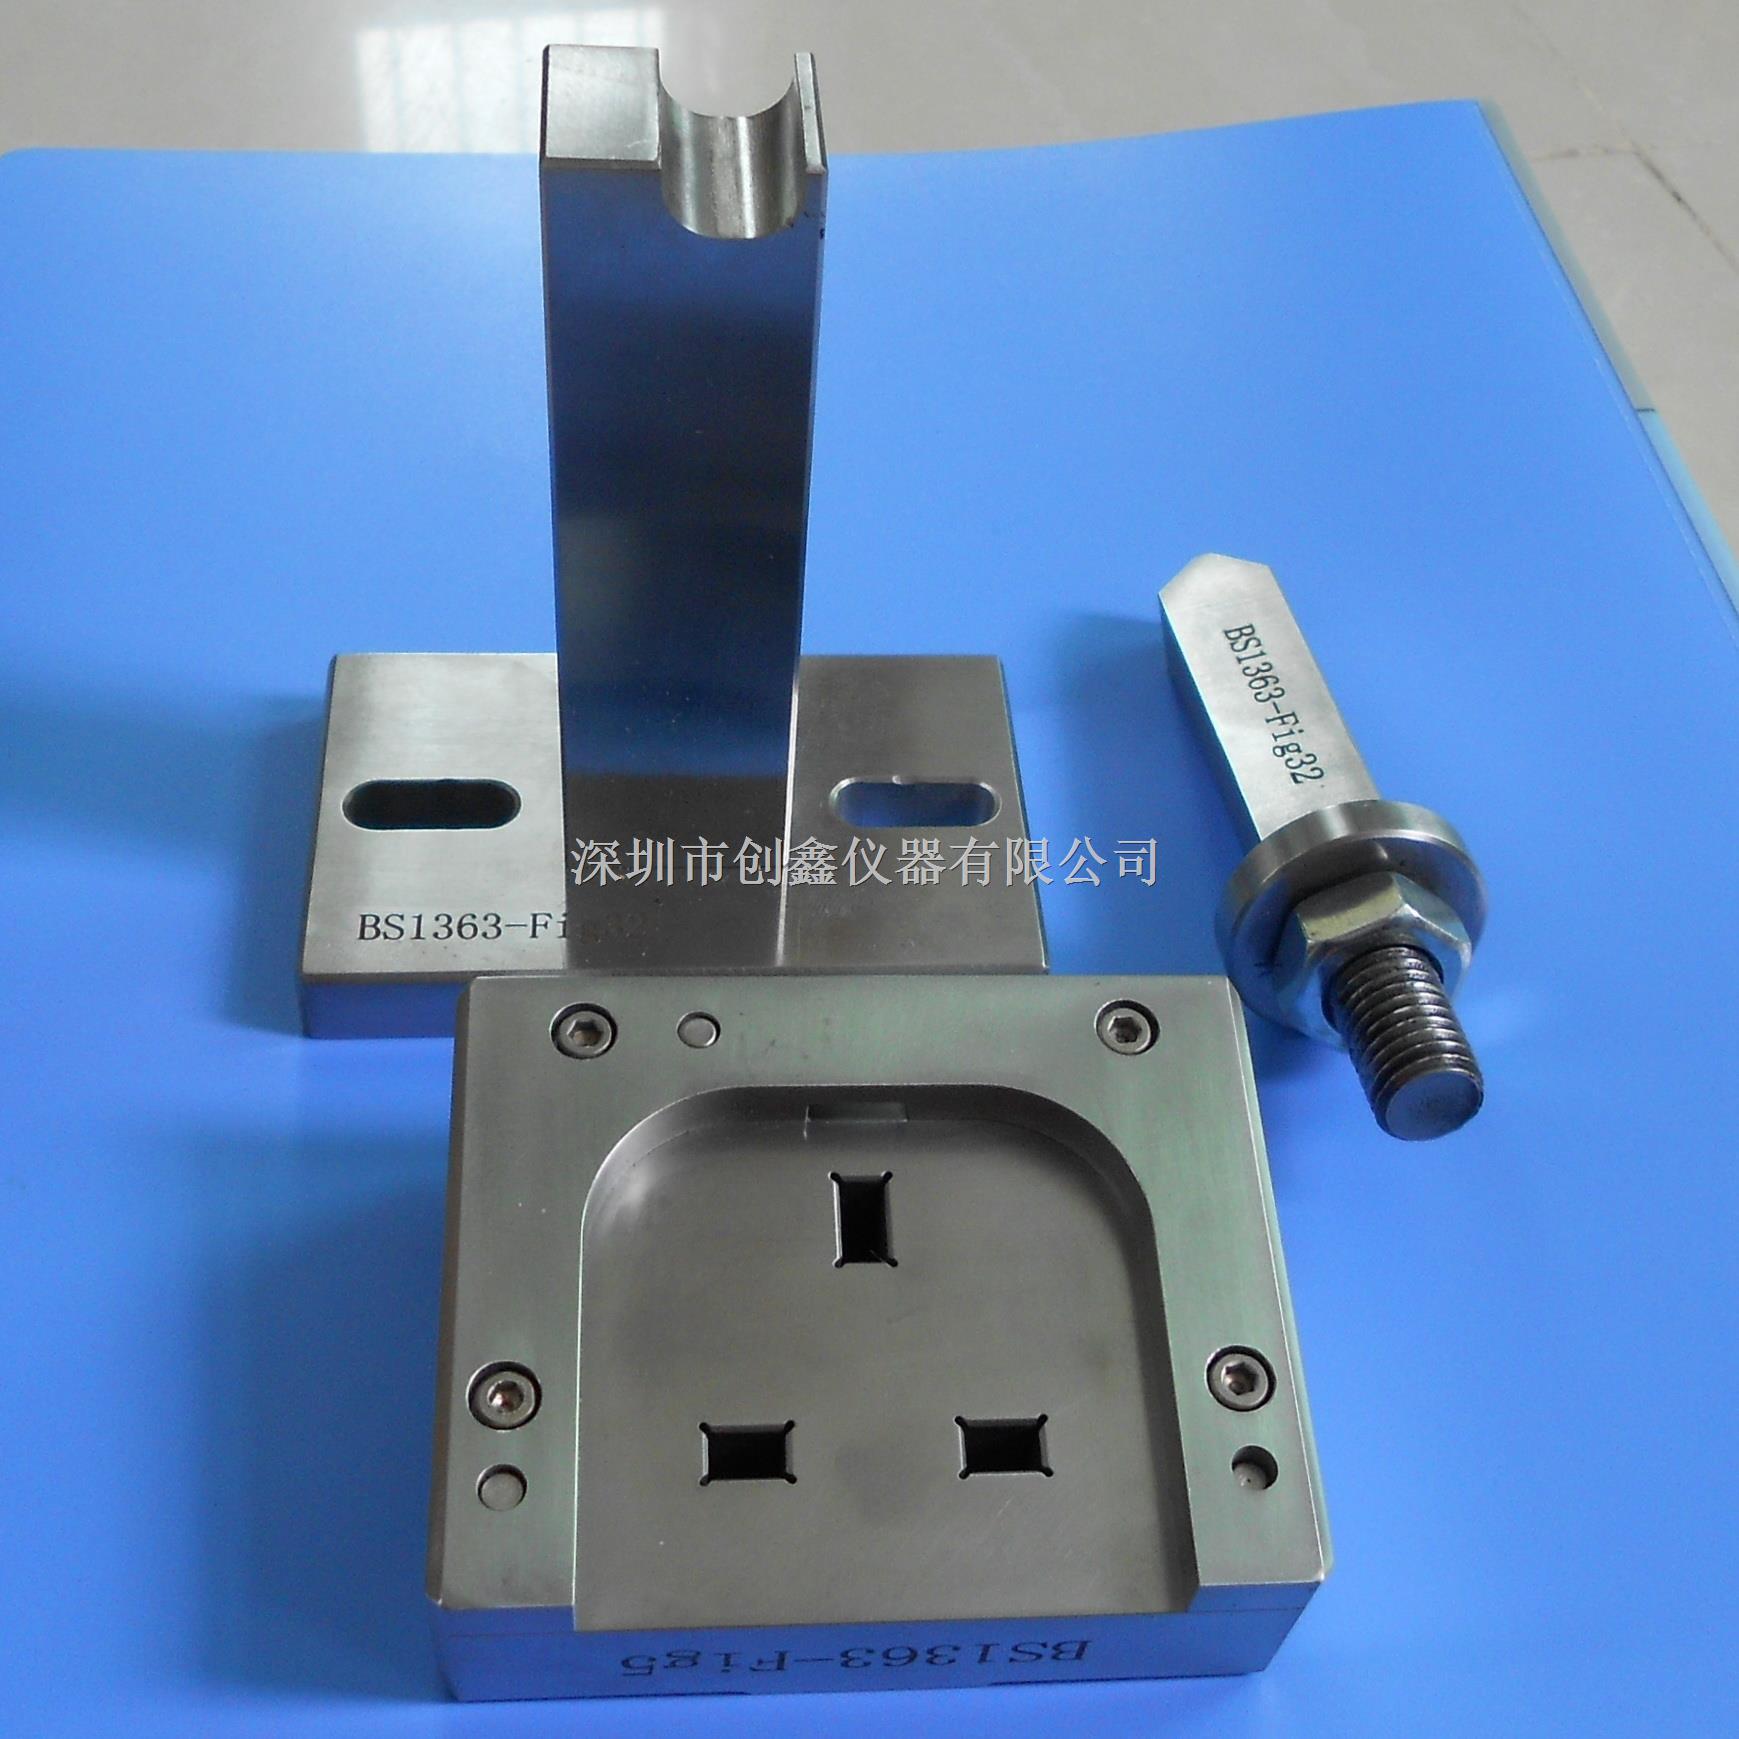 插头插座量规系列产品